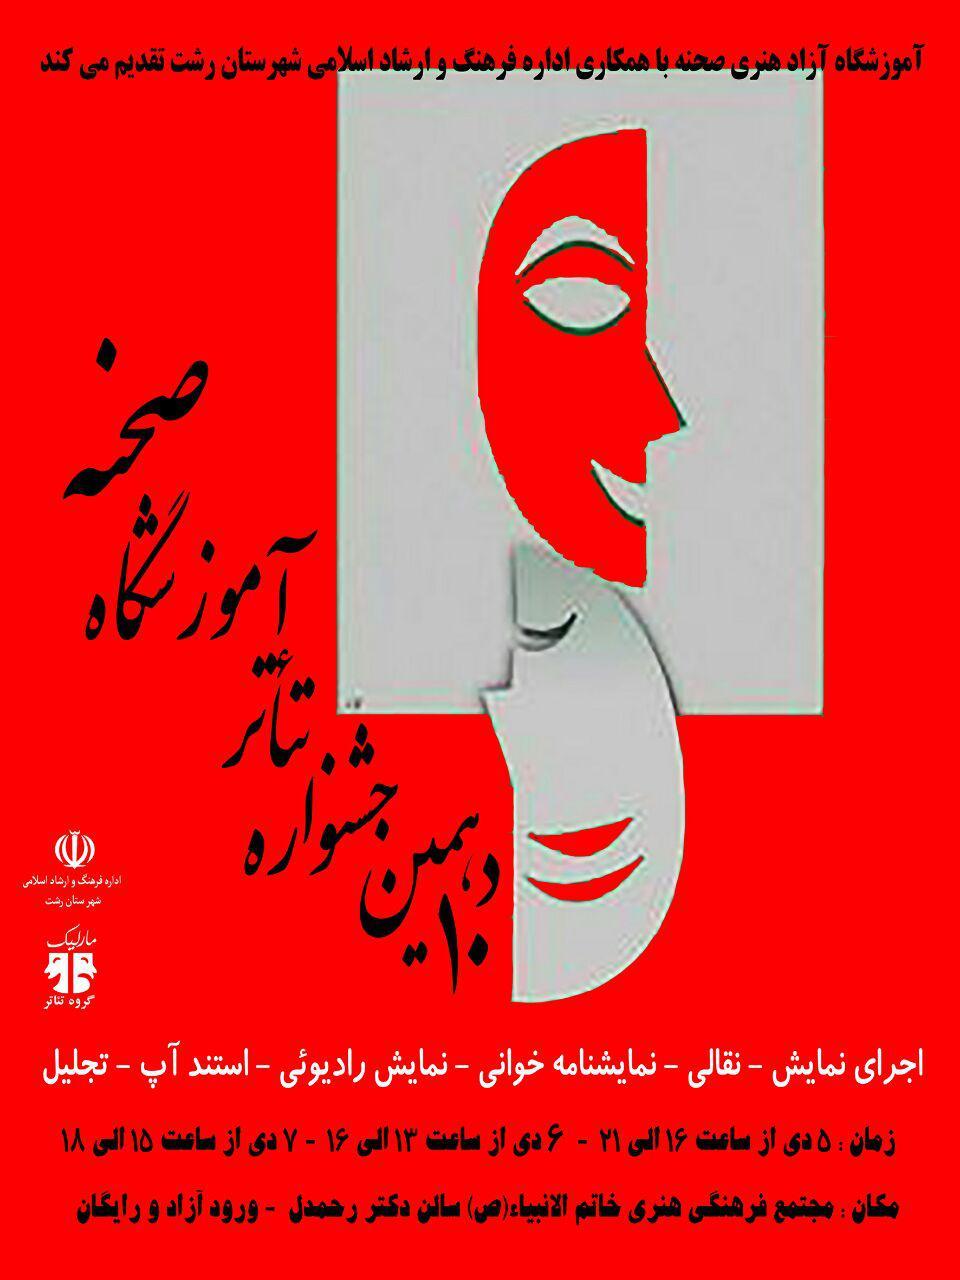 دهمین جشنواره تئاتر آموزشگاه صحنه